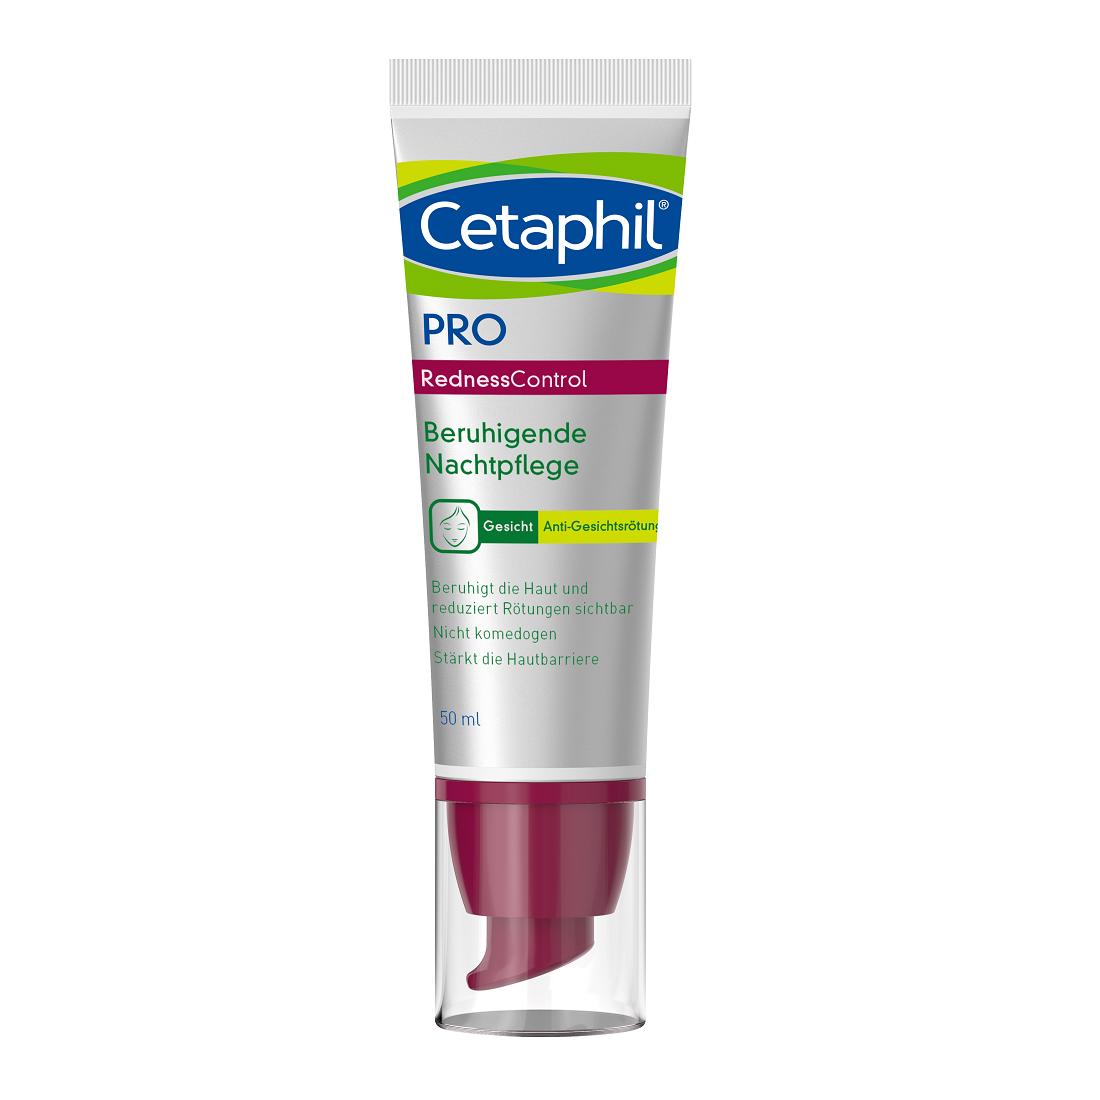 Cetaphil® PRO RednessControl umirujuća noćna krema